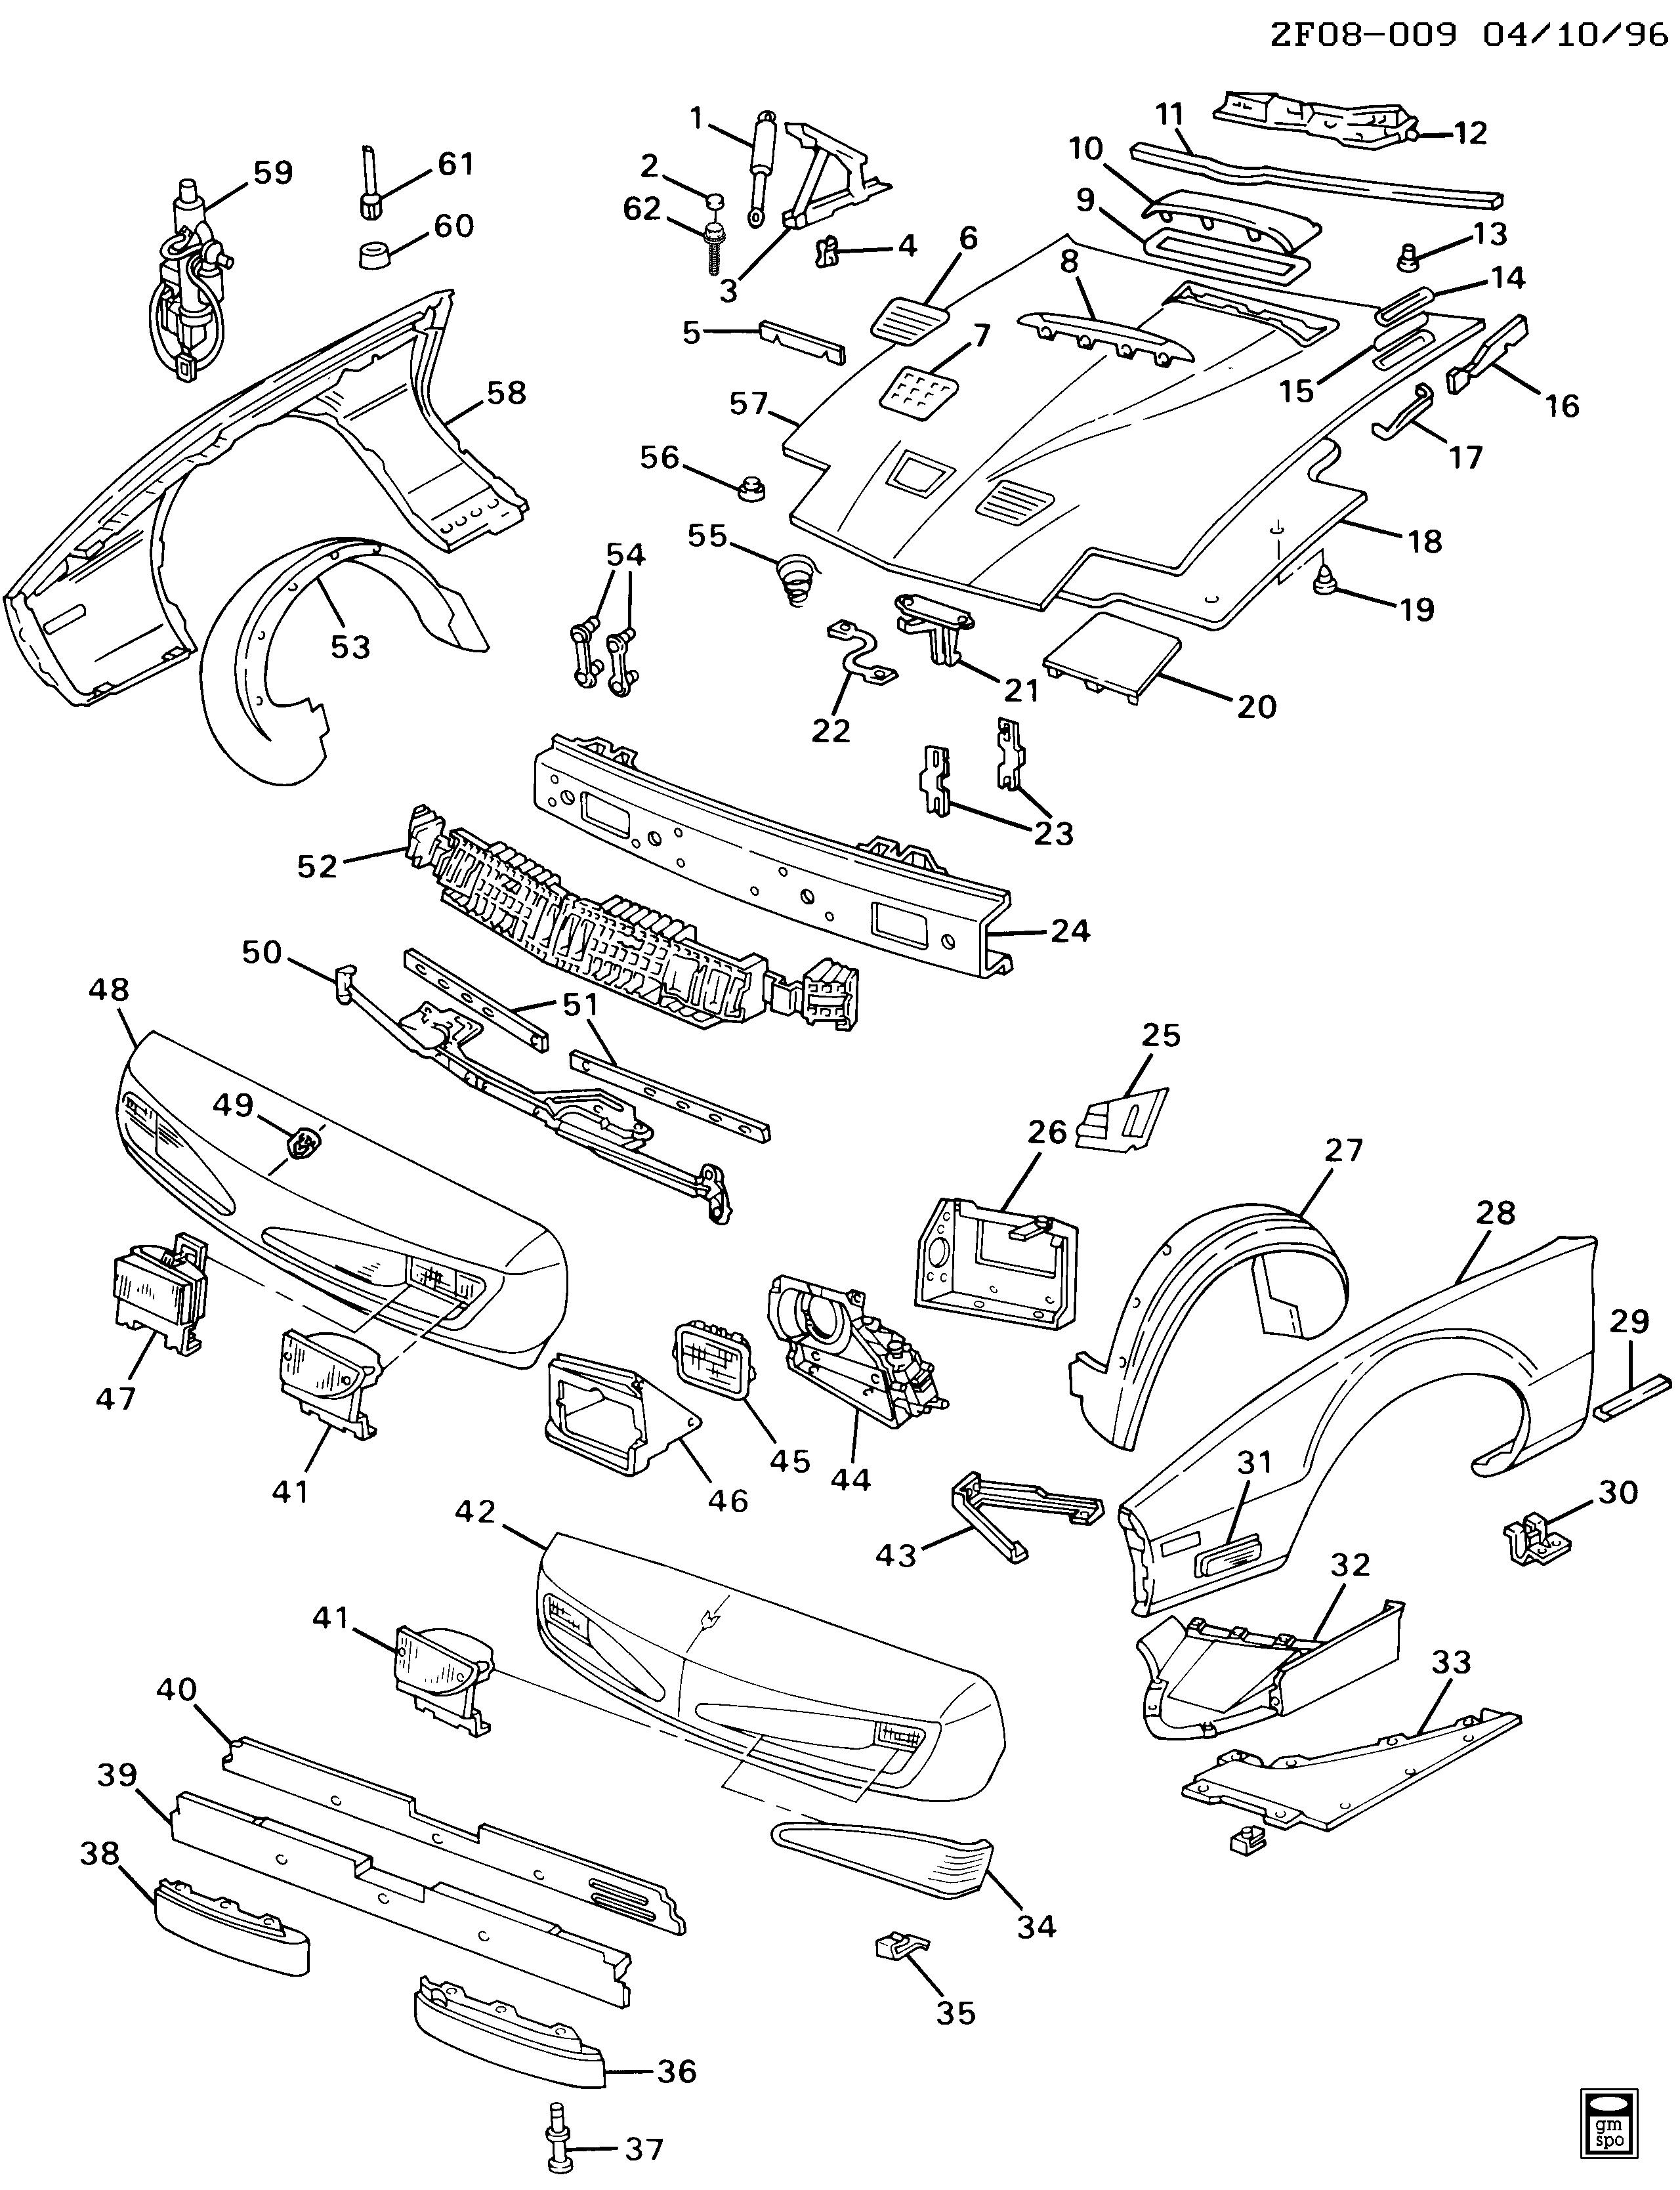 pontiac firebird f sheet metal front end part 1 epc online 96 Firebird Gauges f sheet metal front end part 1